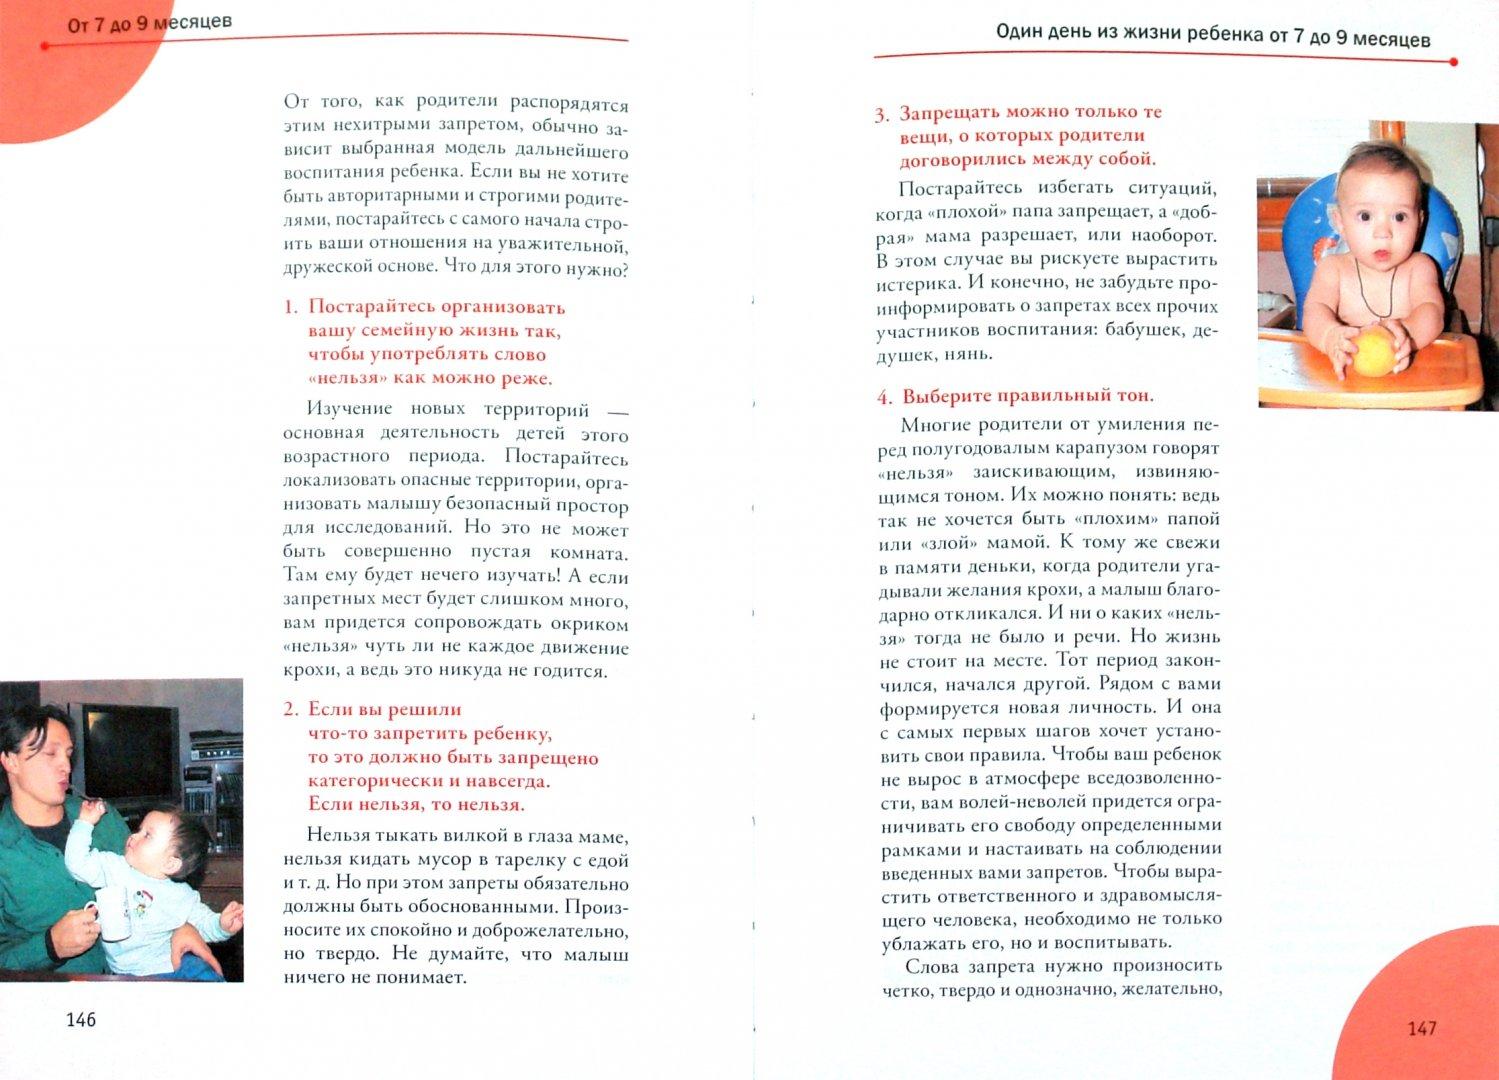 Иллюстрация 1 из 8 для Развивающие игры с пеленок - Бабанин, Королева | Лабиринт - книги. Источник: Лабиринт